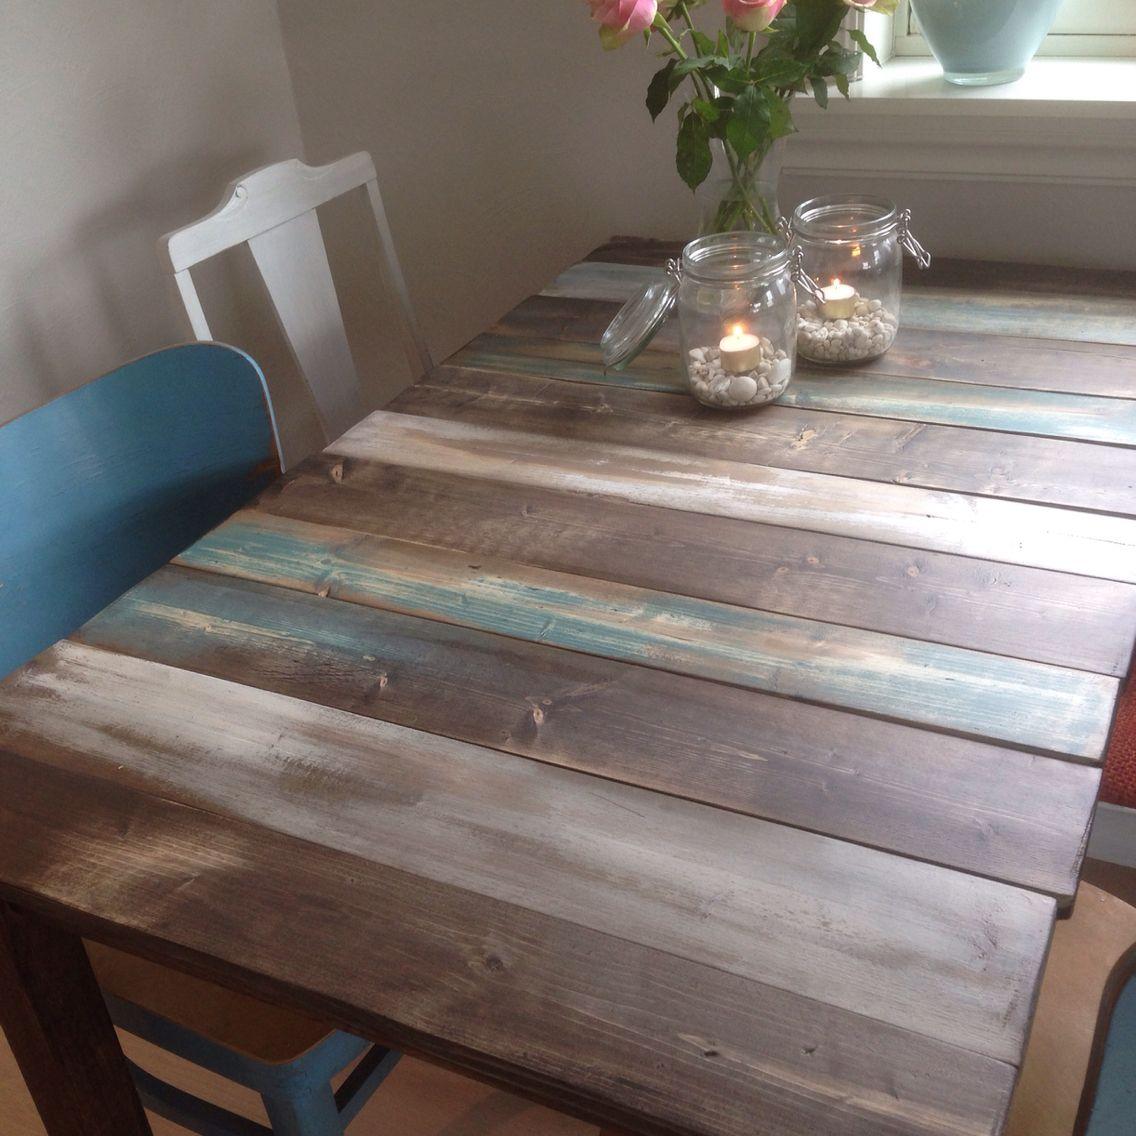 Kjøkkenbord laget av nye planker som ser gamle ut etter litt røff behandling og diverse beis og mye pussing. Også gnidd inn med kaffe.